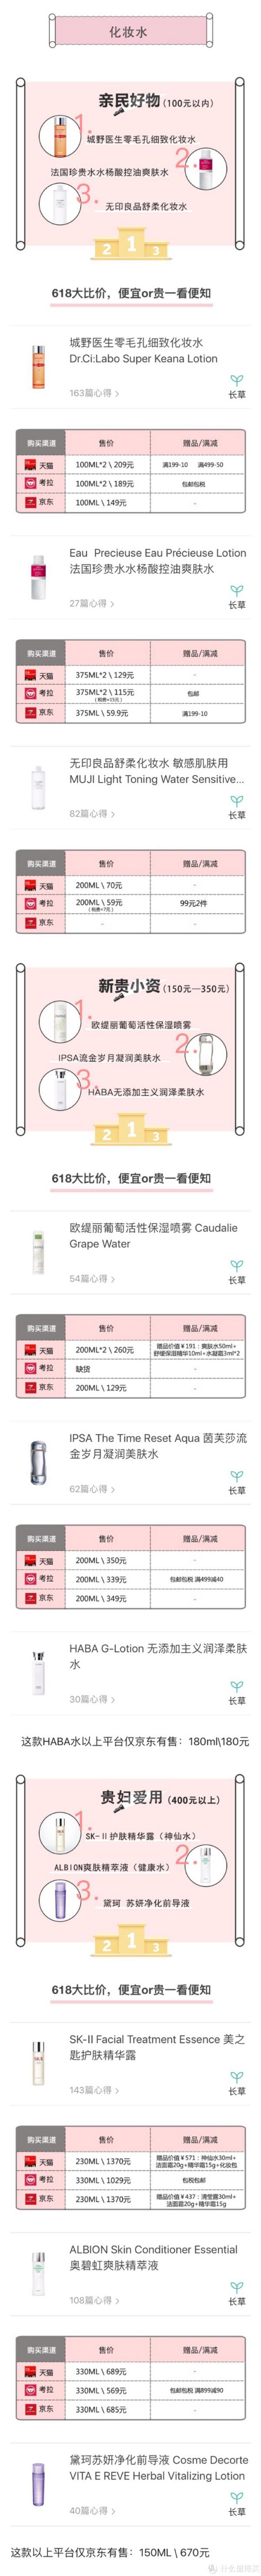 618全网比价护肤类排行榜,省下不止3瓶SK-II!